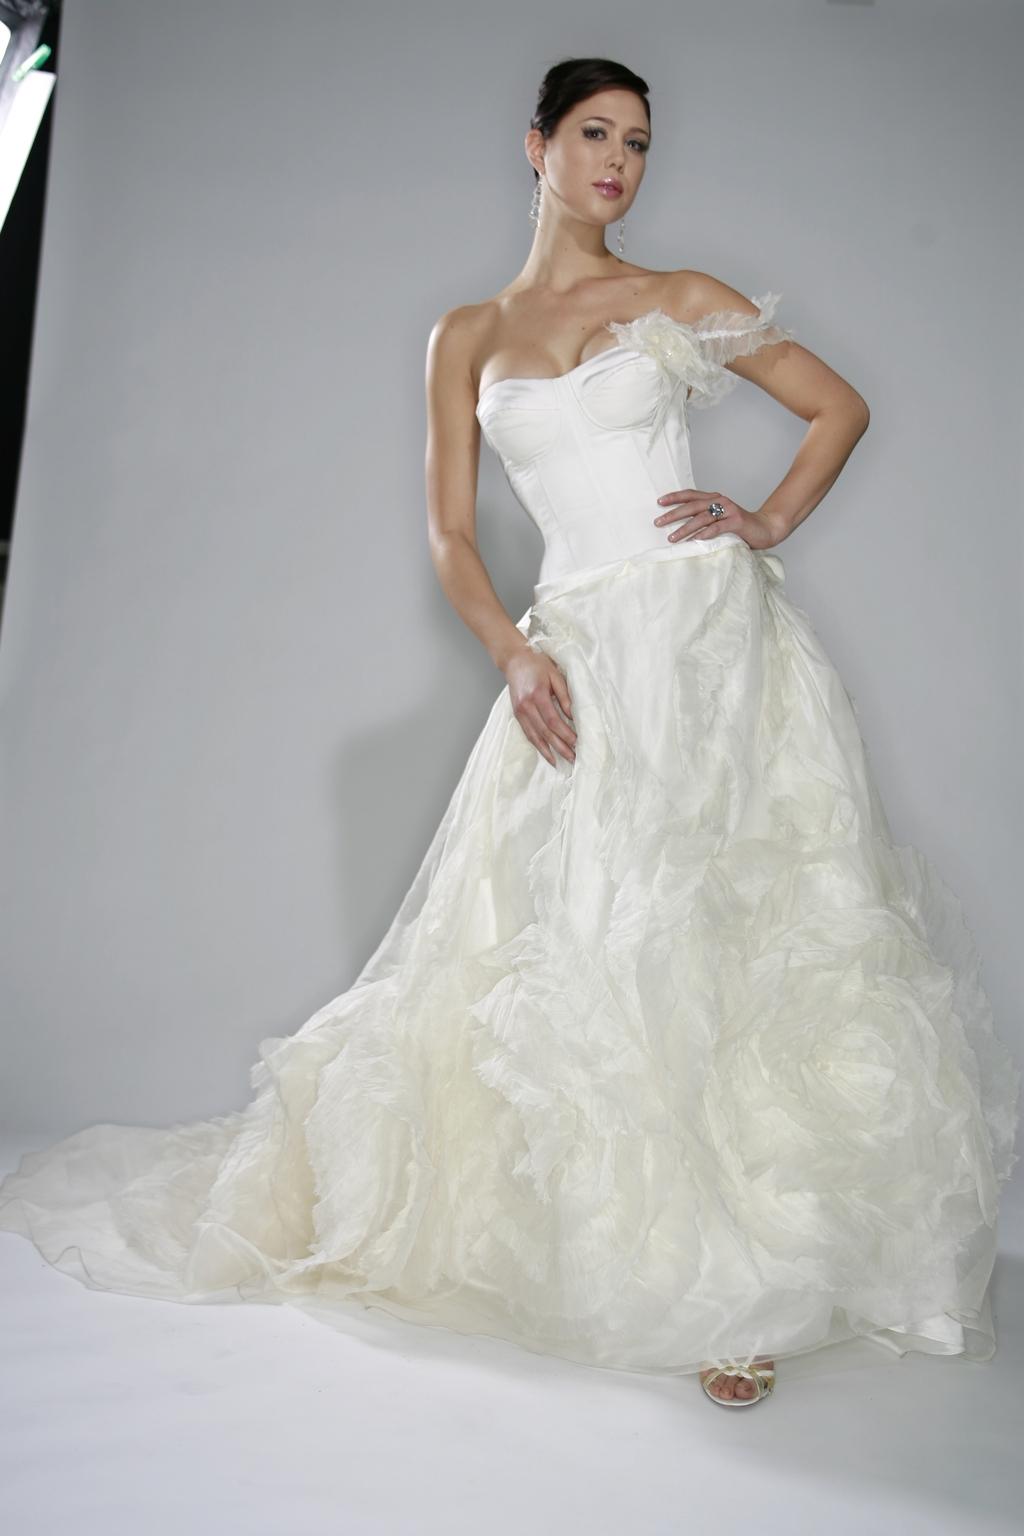 Lamour_spring_2010-white-wedding-dress.full